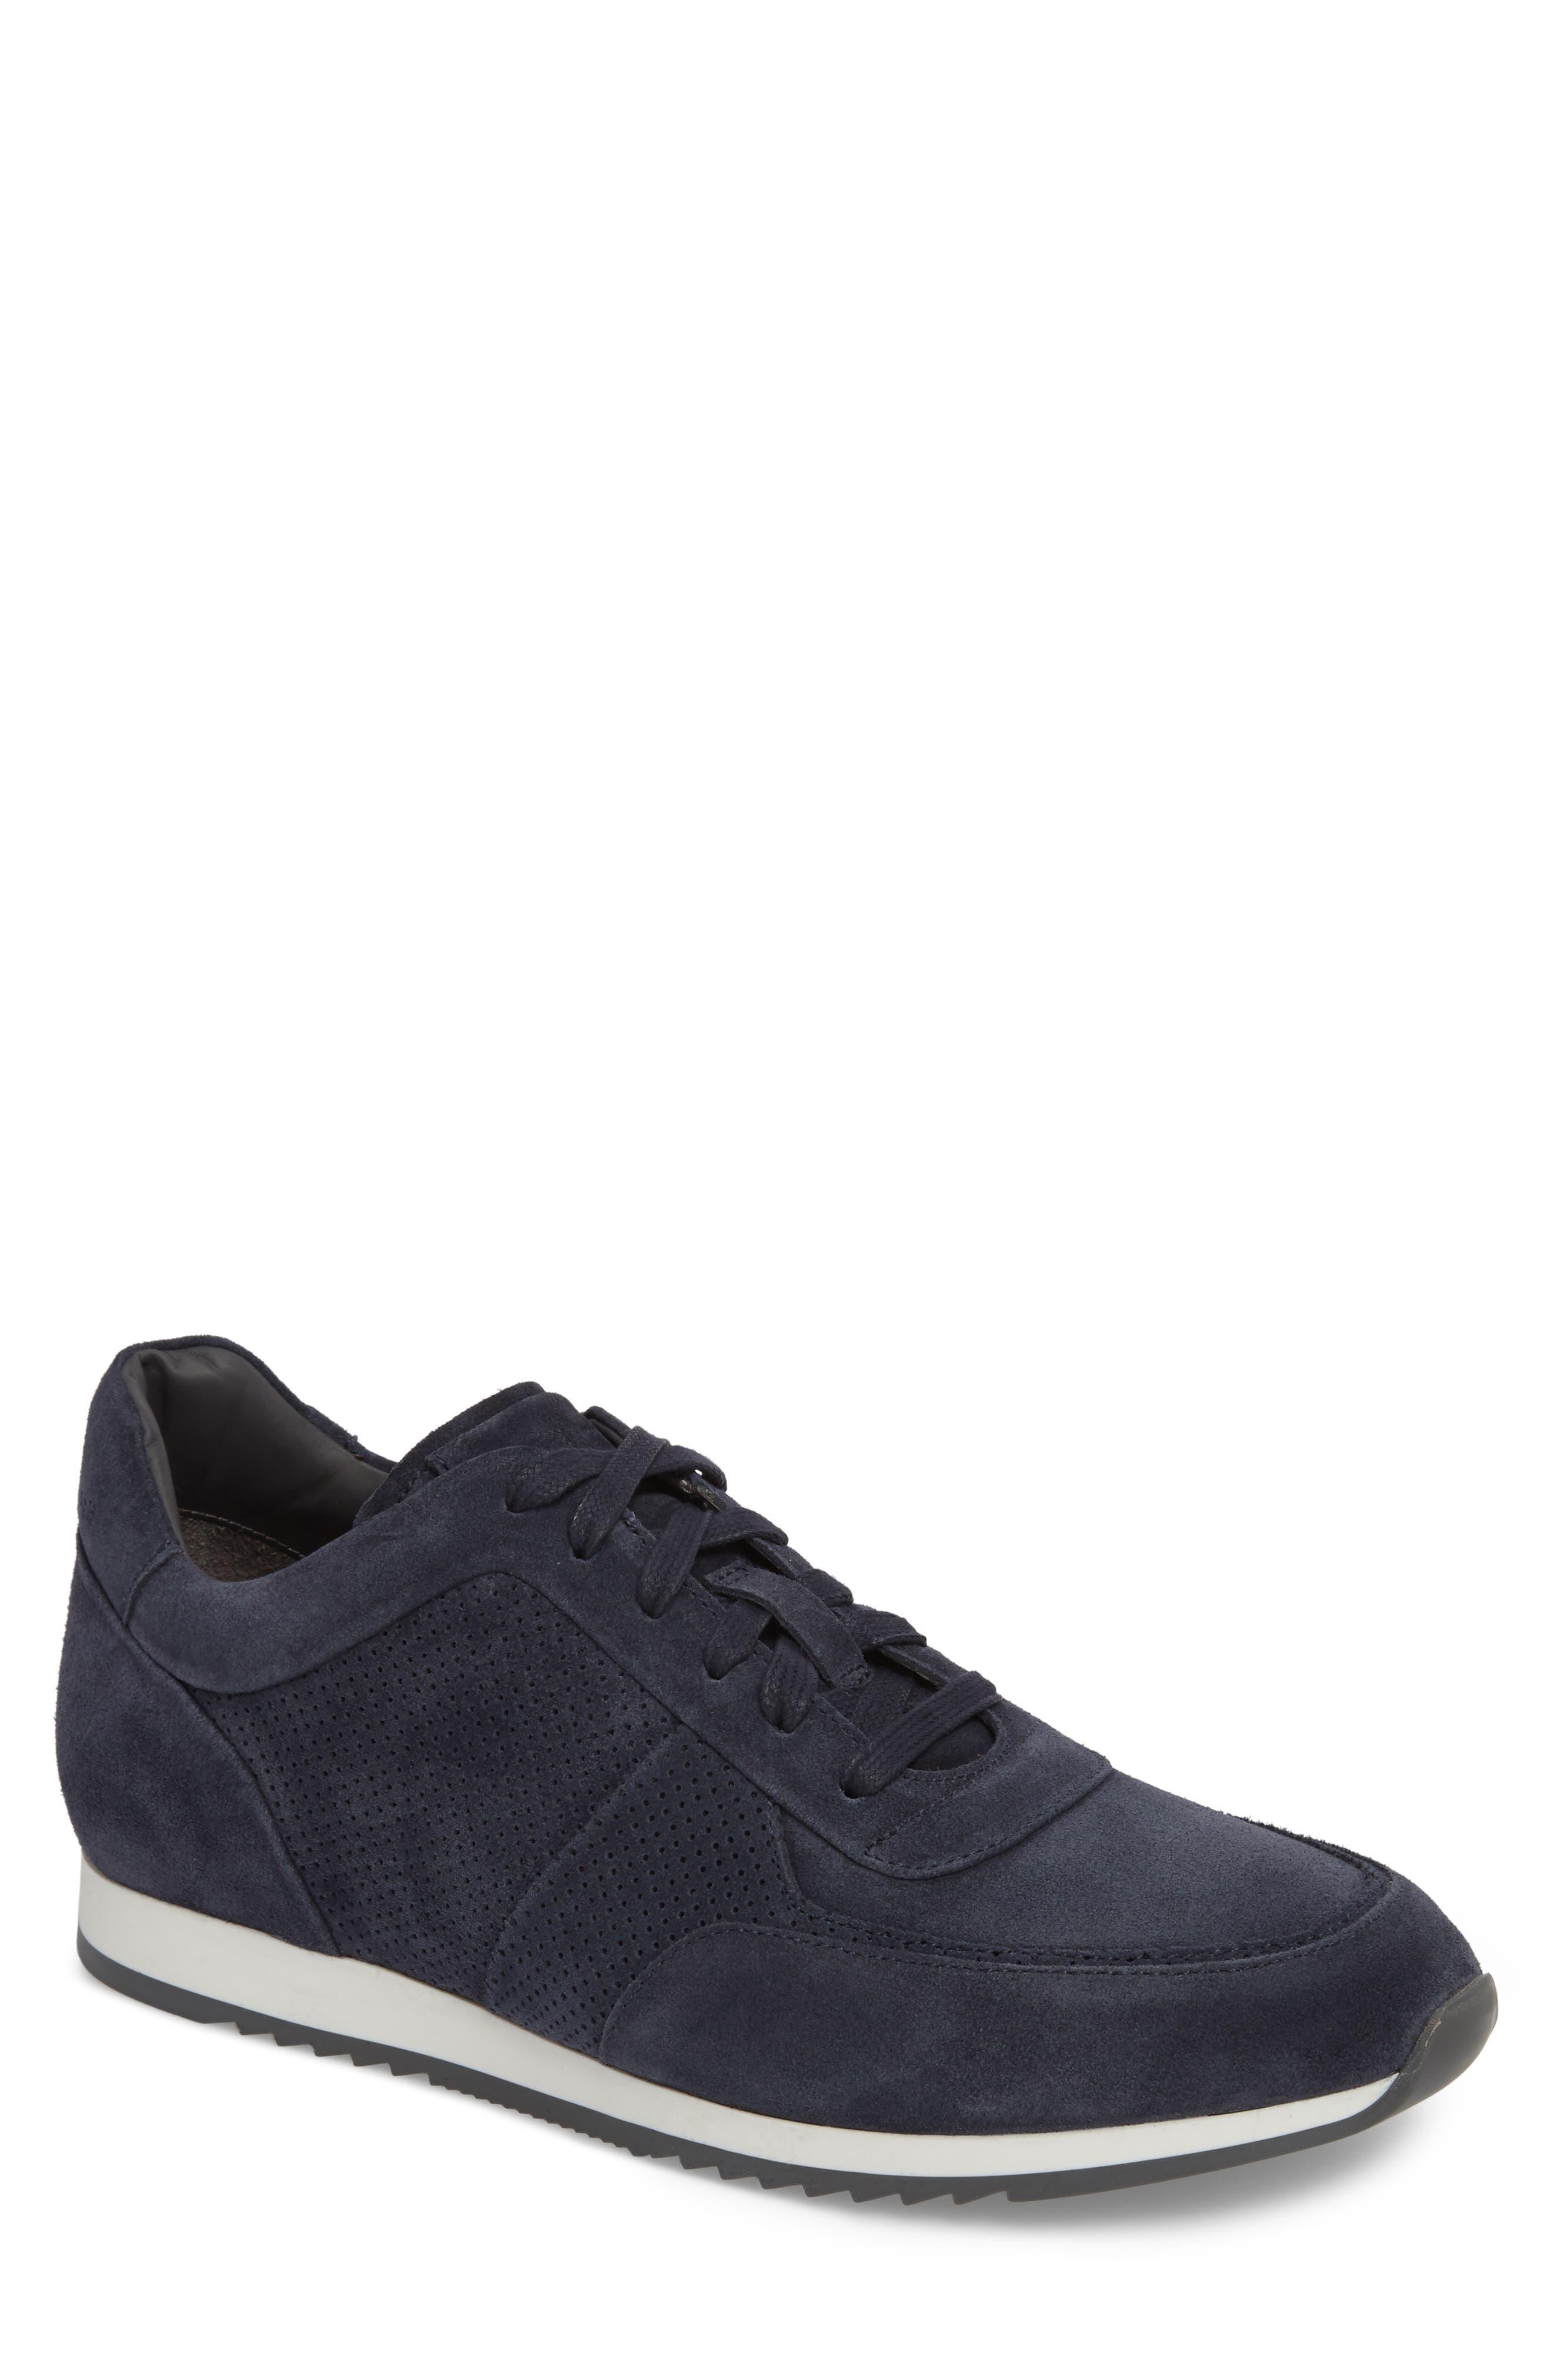 Fordham Low Top Sneaker,                             Main thumbnail 1, color,                             402